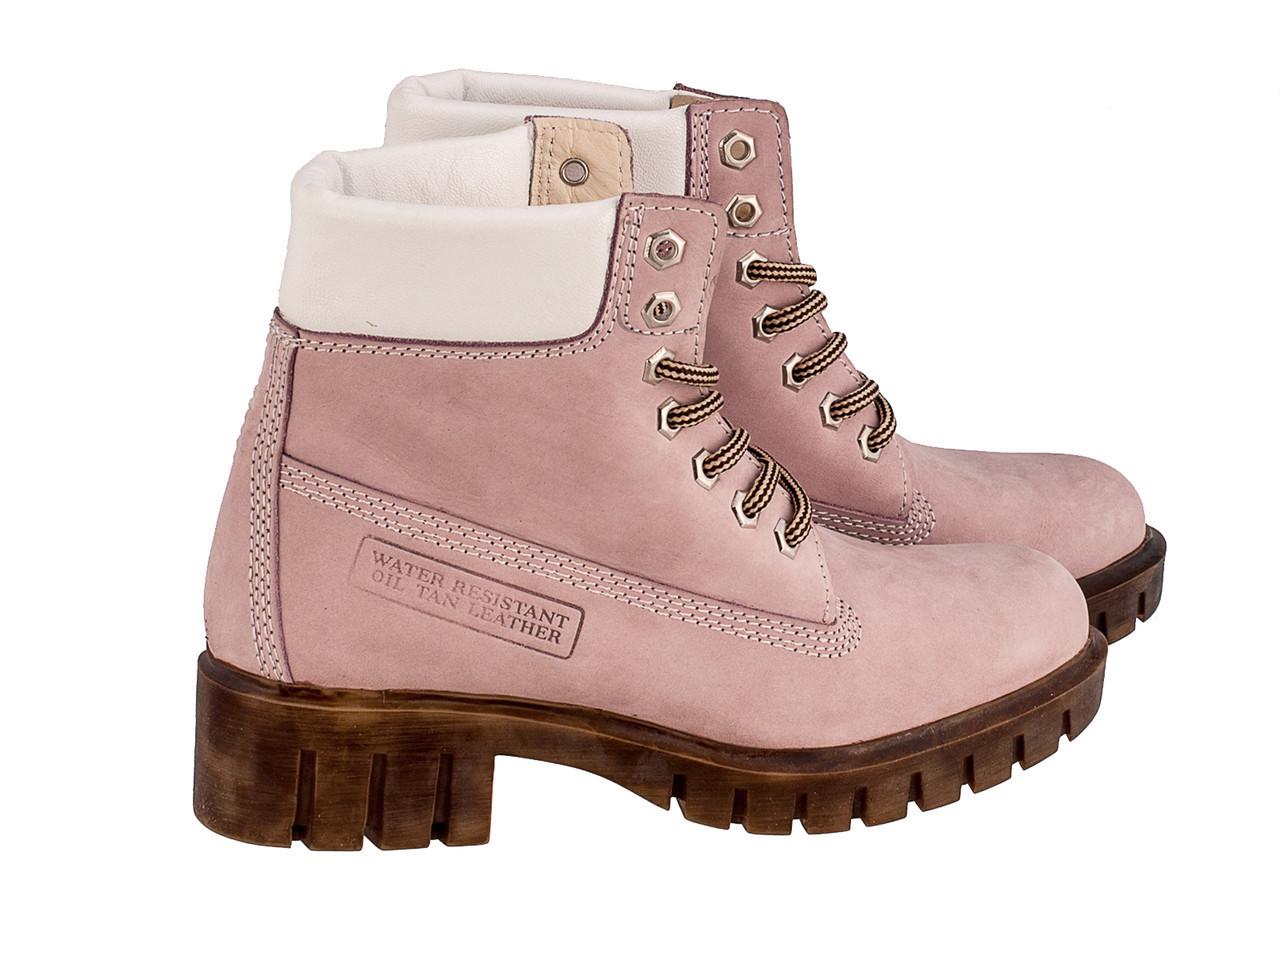 Ботинки Etor 5169-21554-710 39 розовые